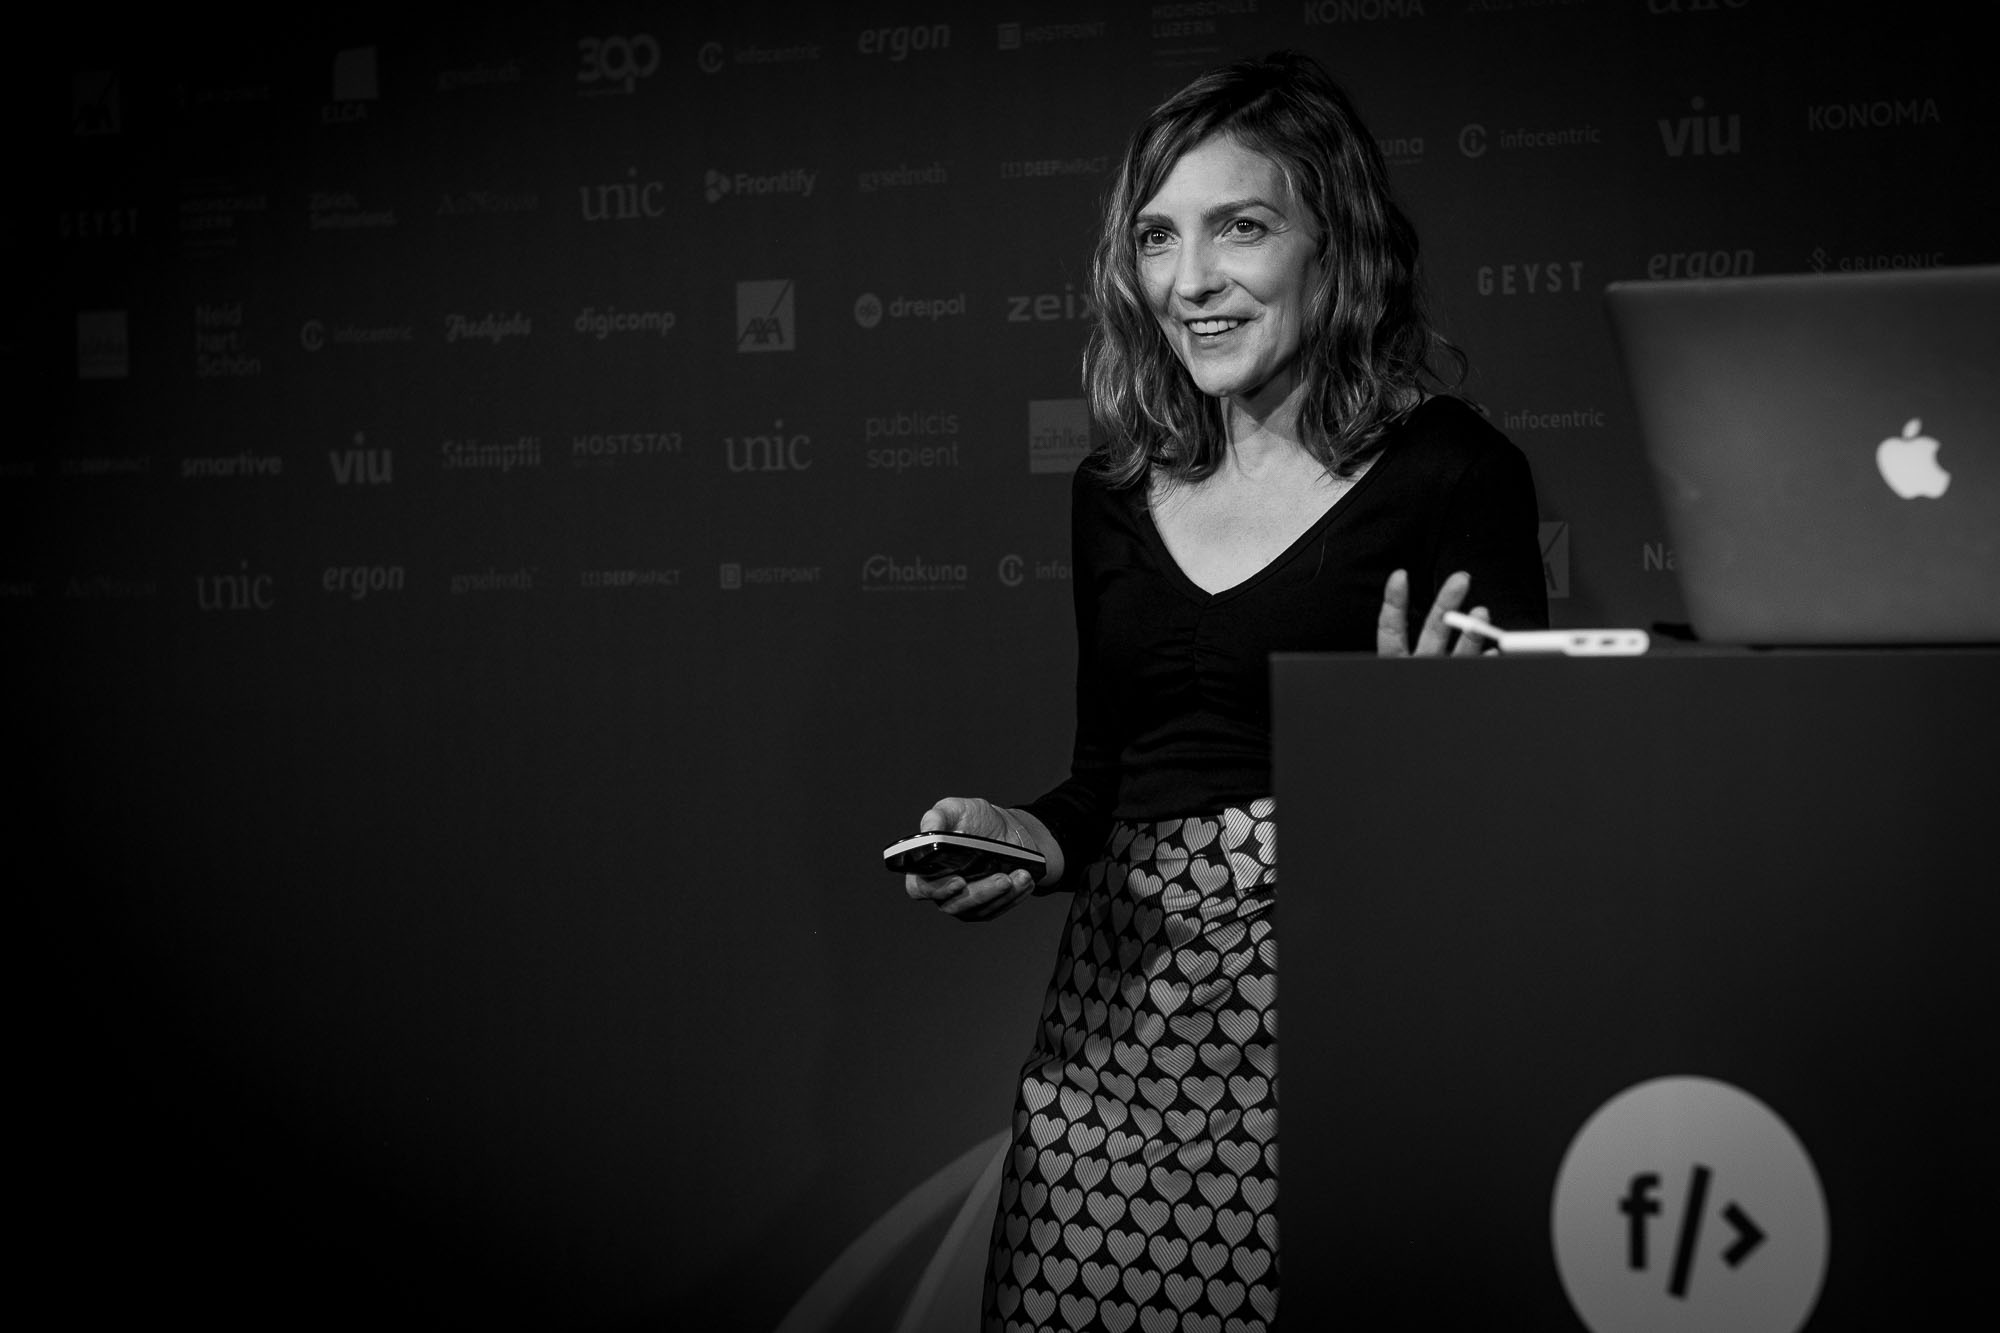 Frontconf Zürich 2019